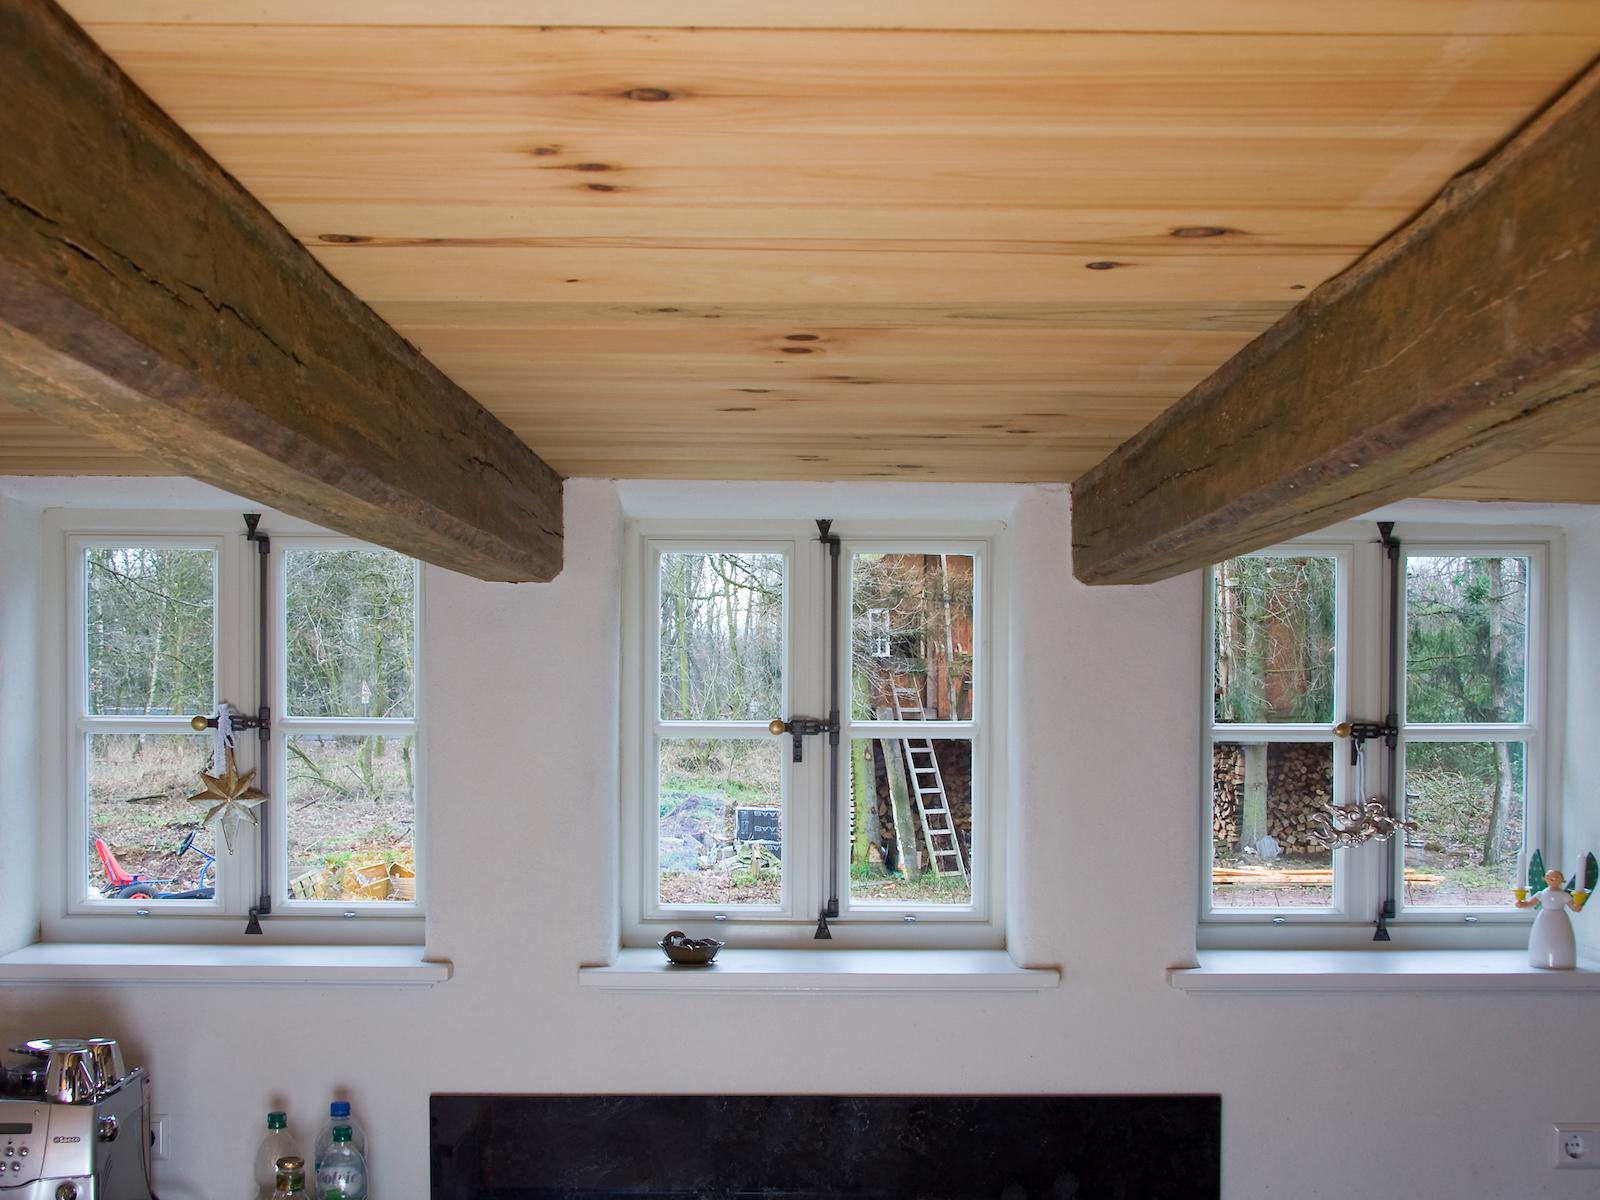 Fenster_Kueche